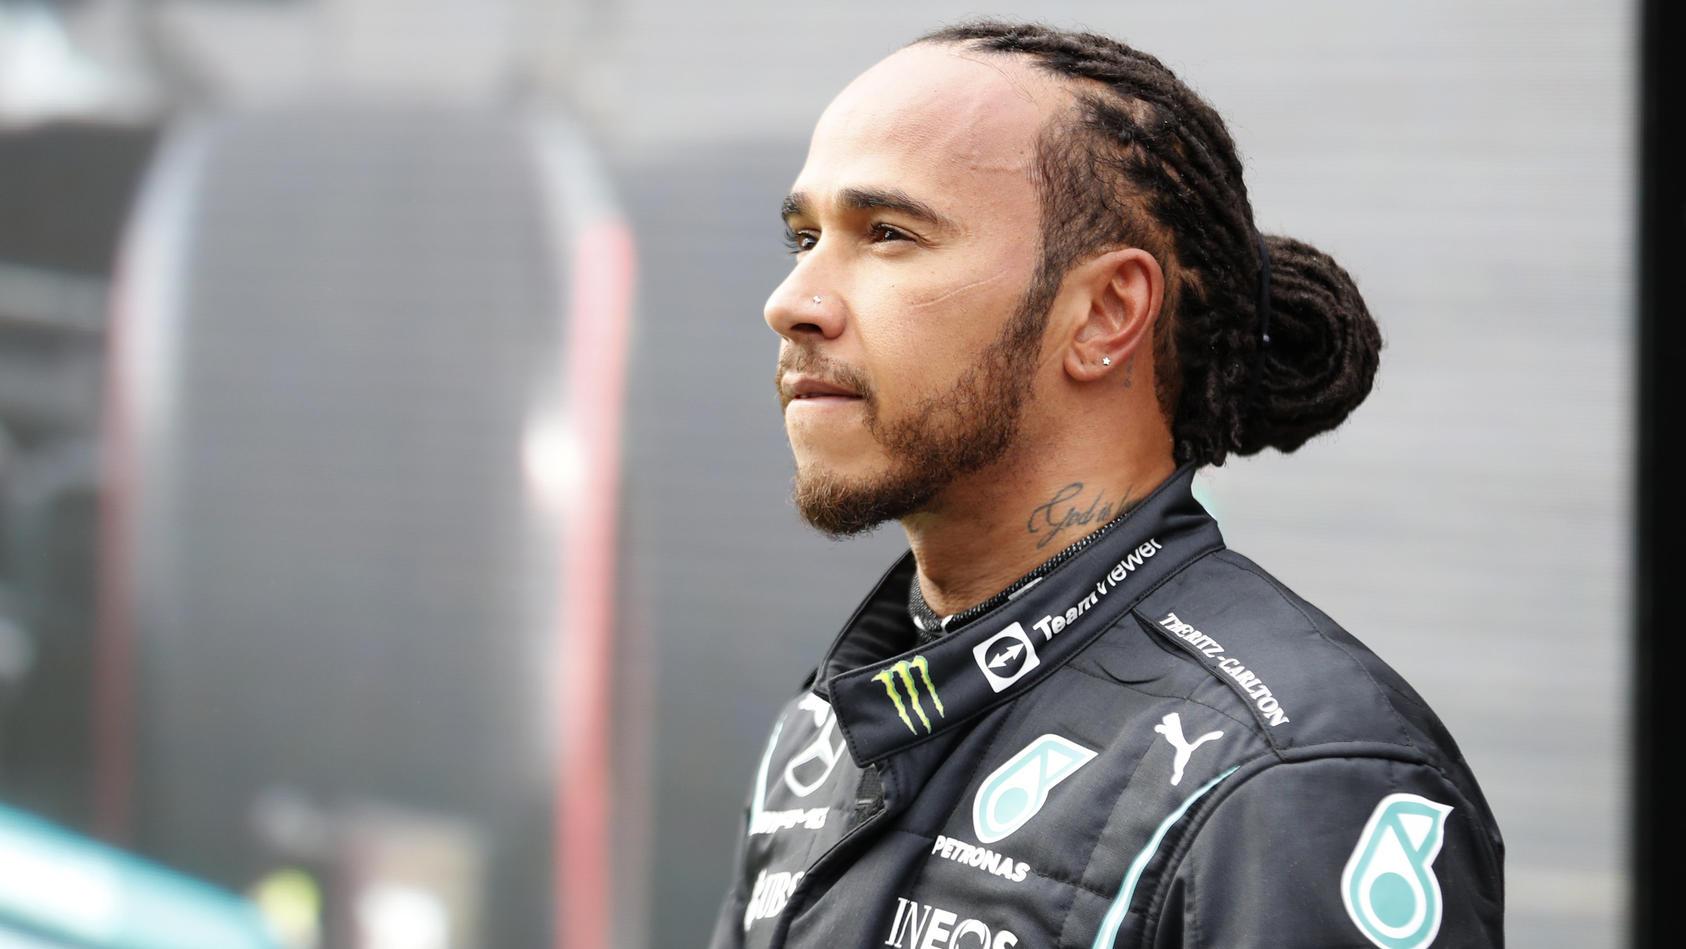 Lewis Hamilton kämpft um seinen achten WM-Titel